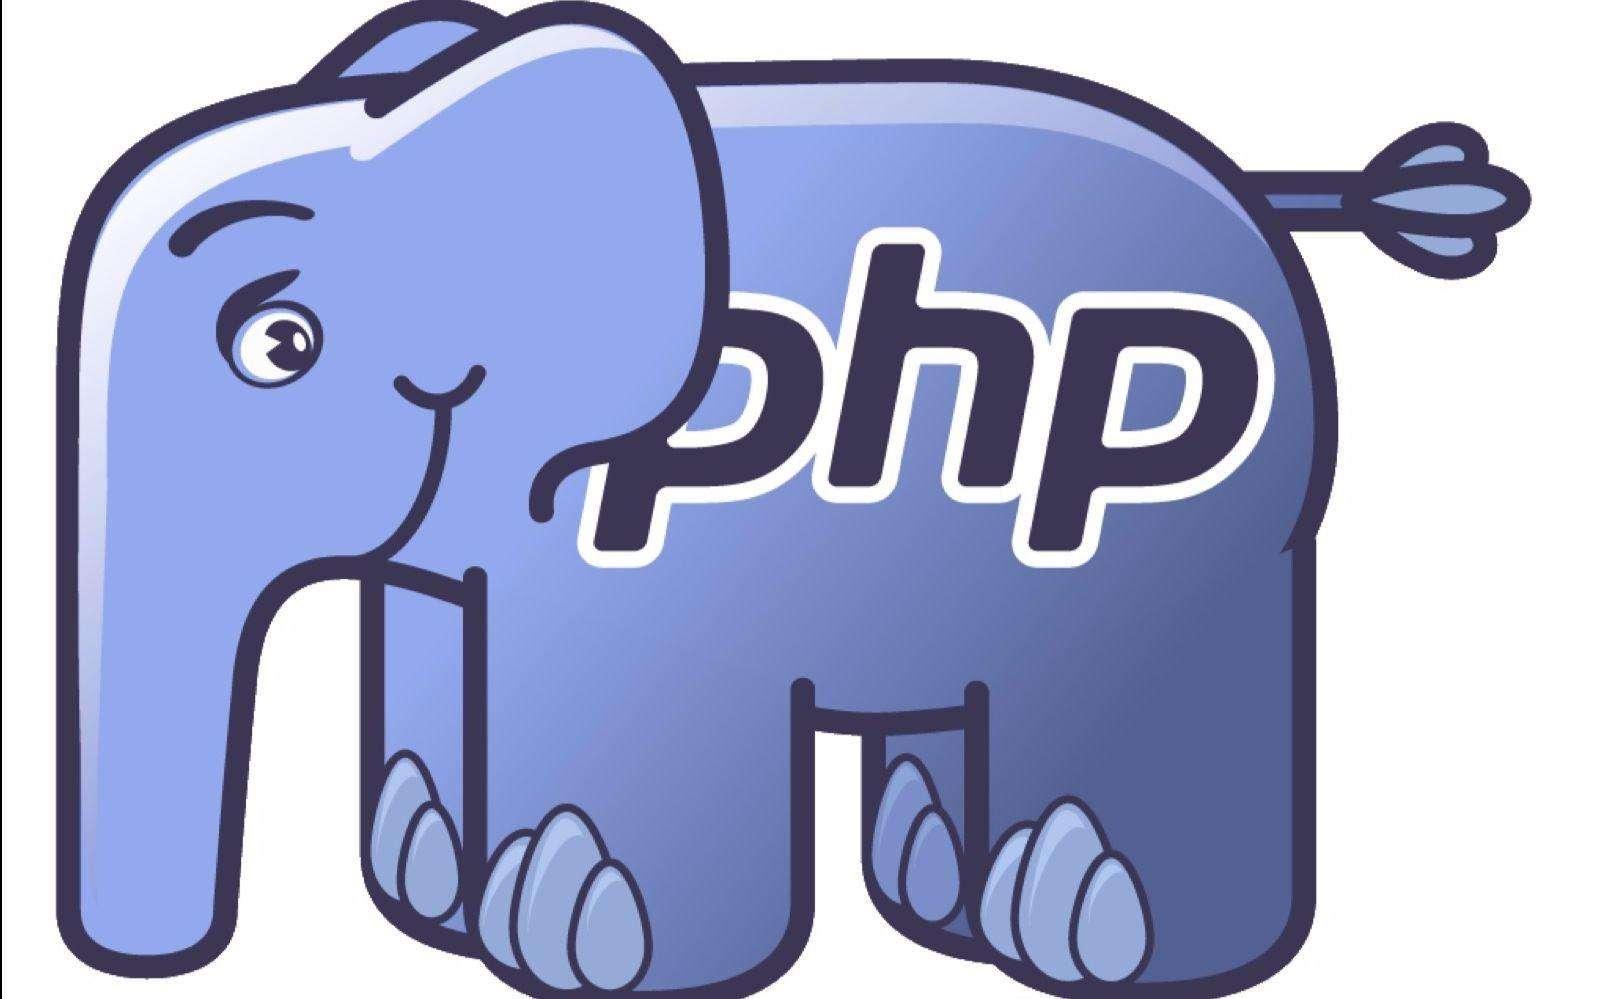 切换php版本执行命令行 不更改环境变量切换php版本执行命令